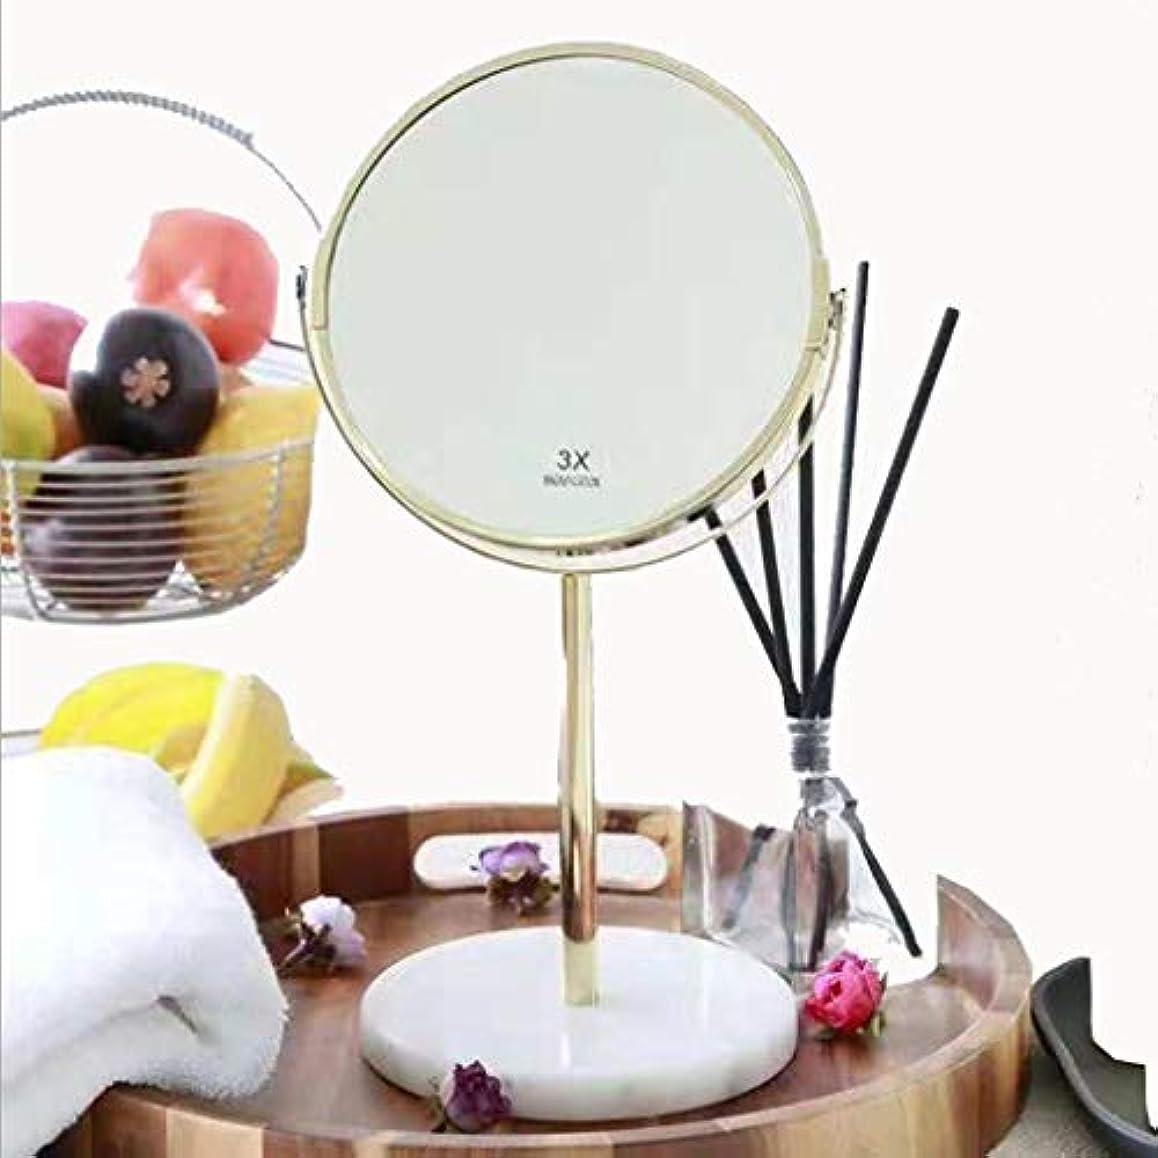 ディレイ欺許さない洗面化粧台ミラー 卓上ミラー大理石美容ミラーゴールドラウンドテーブルトップミラー18.4×33.5センチドレッシングミラー 化粧鏡 (Color : White)